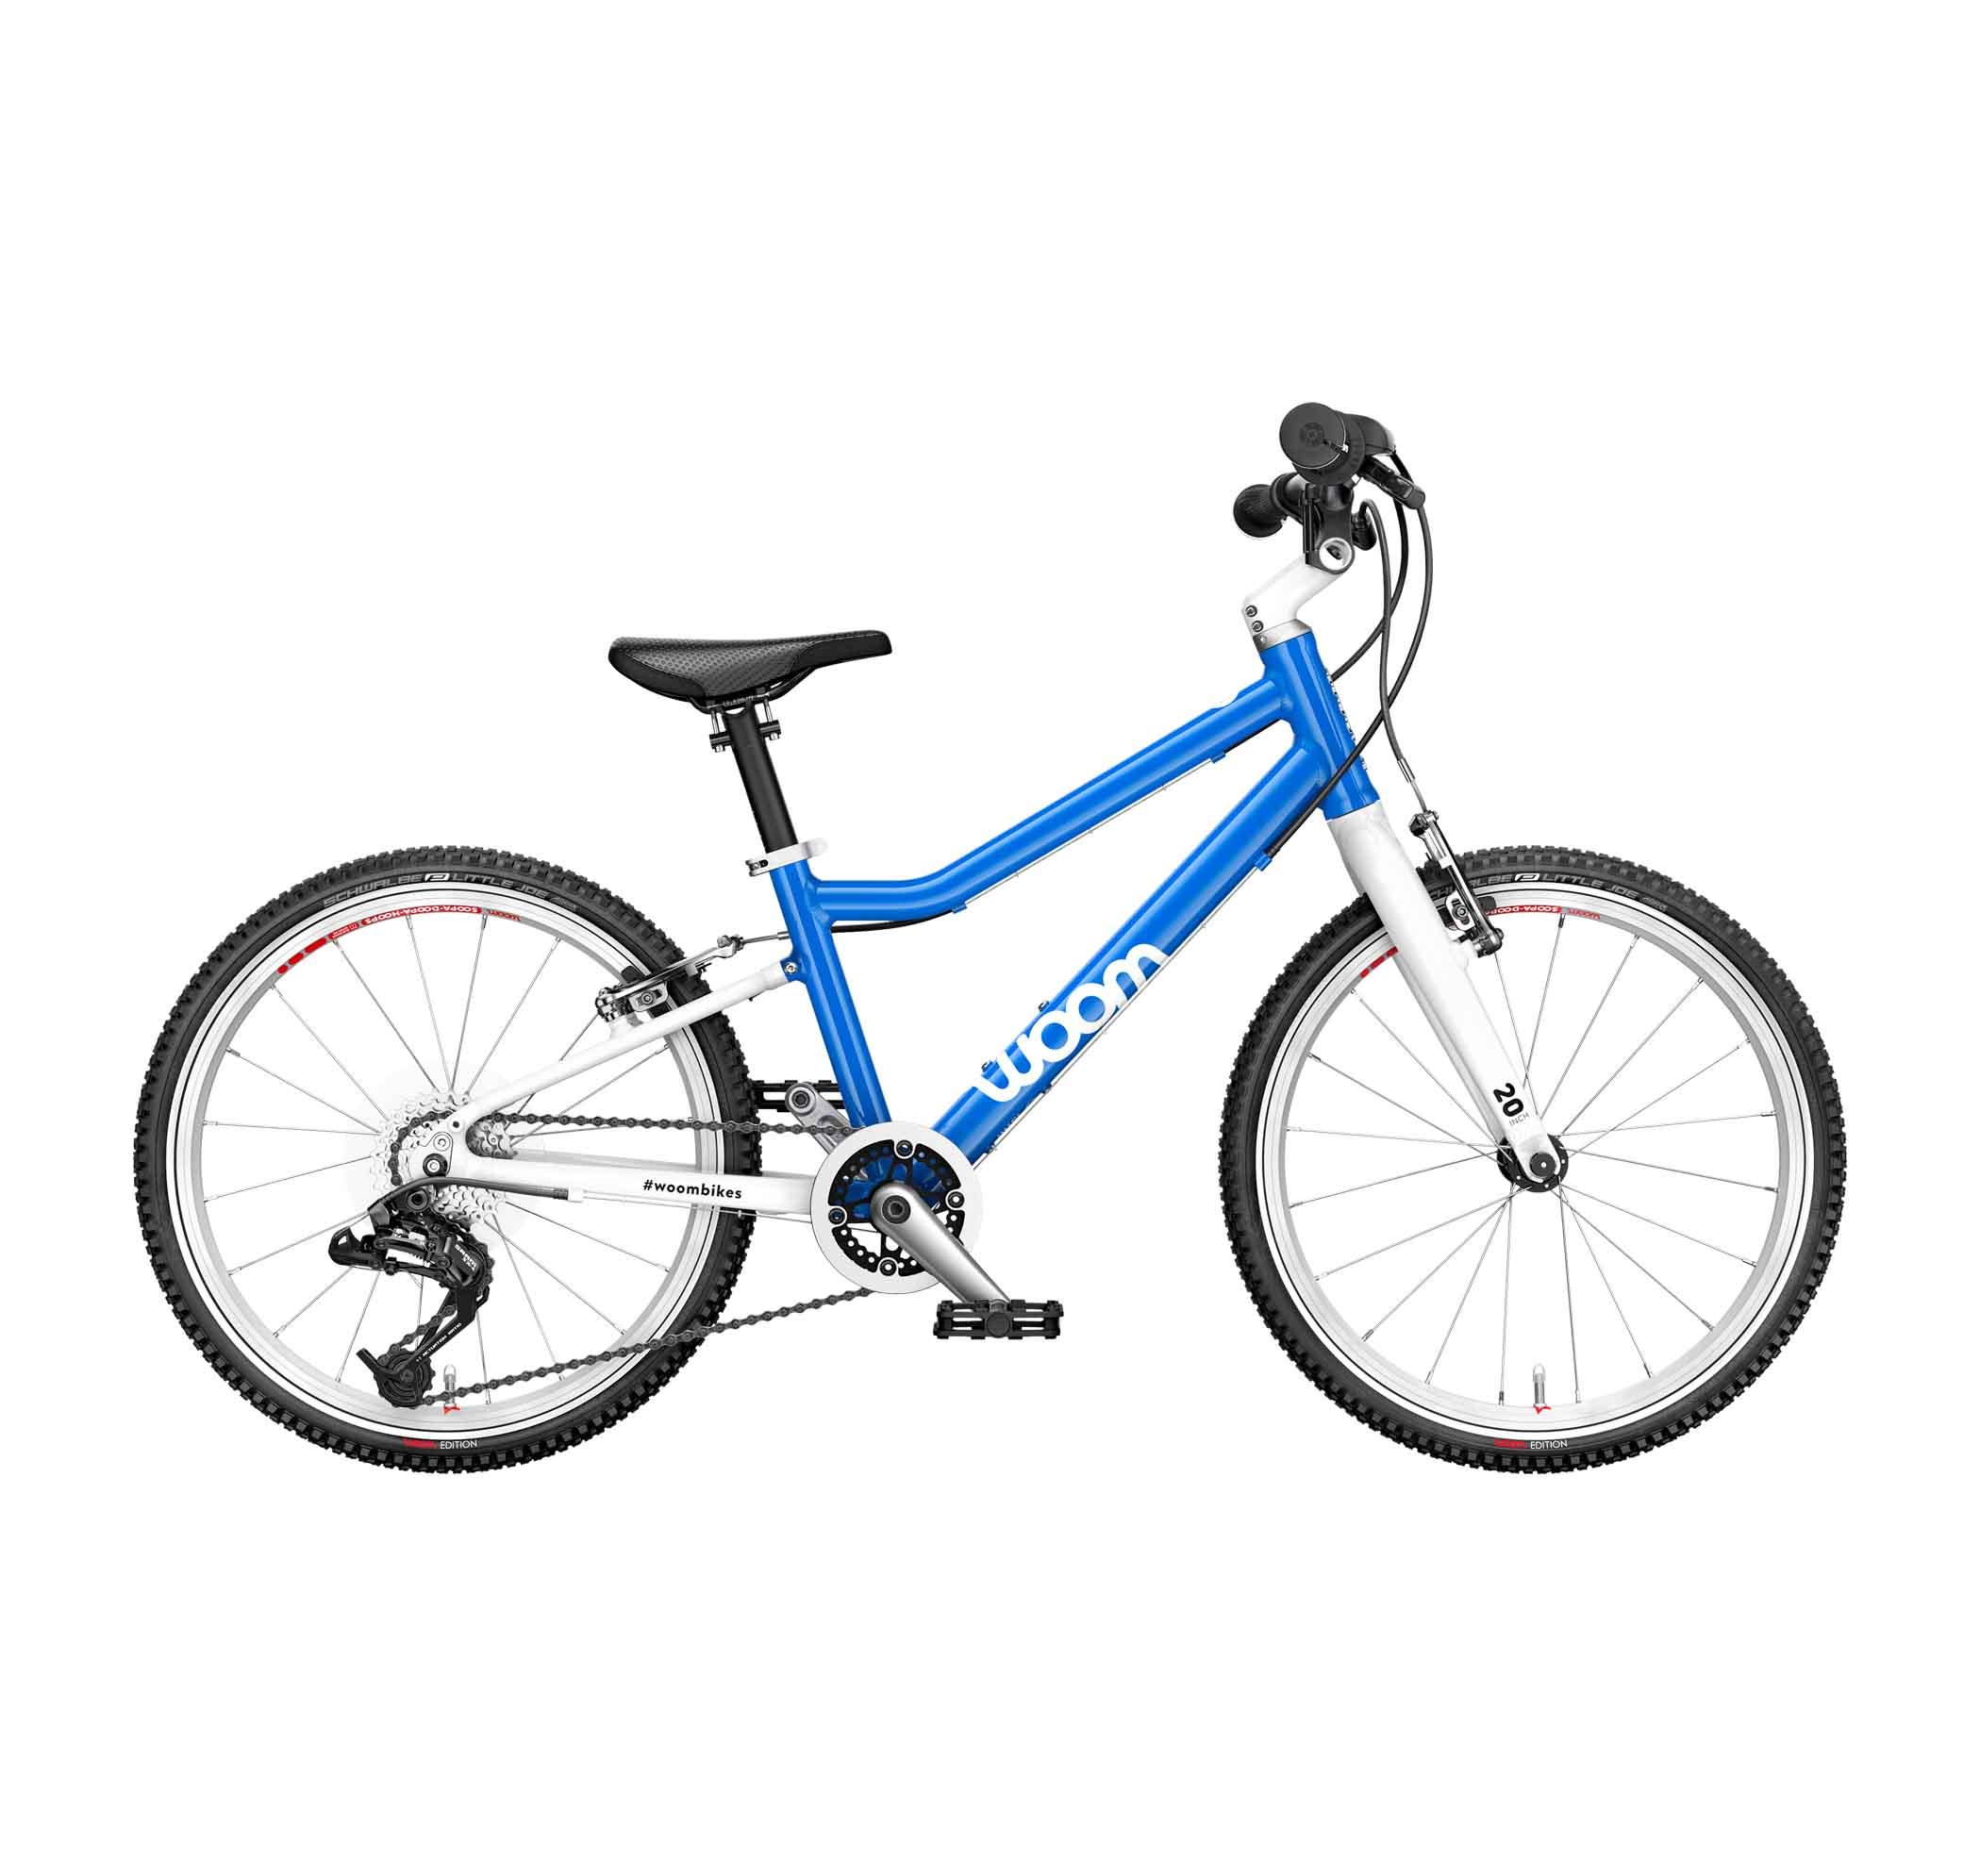 Woom_Rodeo_Bike_Woom_4_Blue